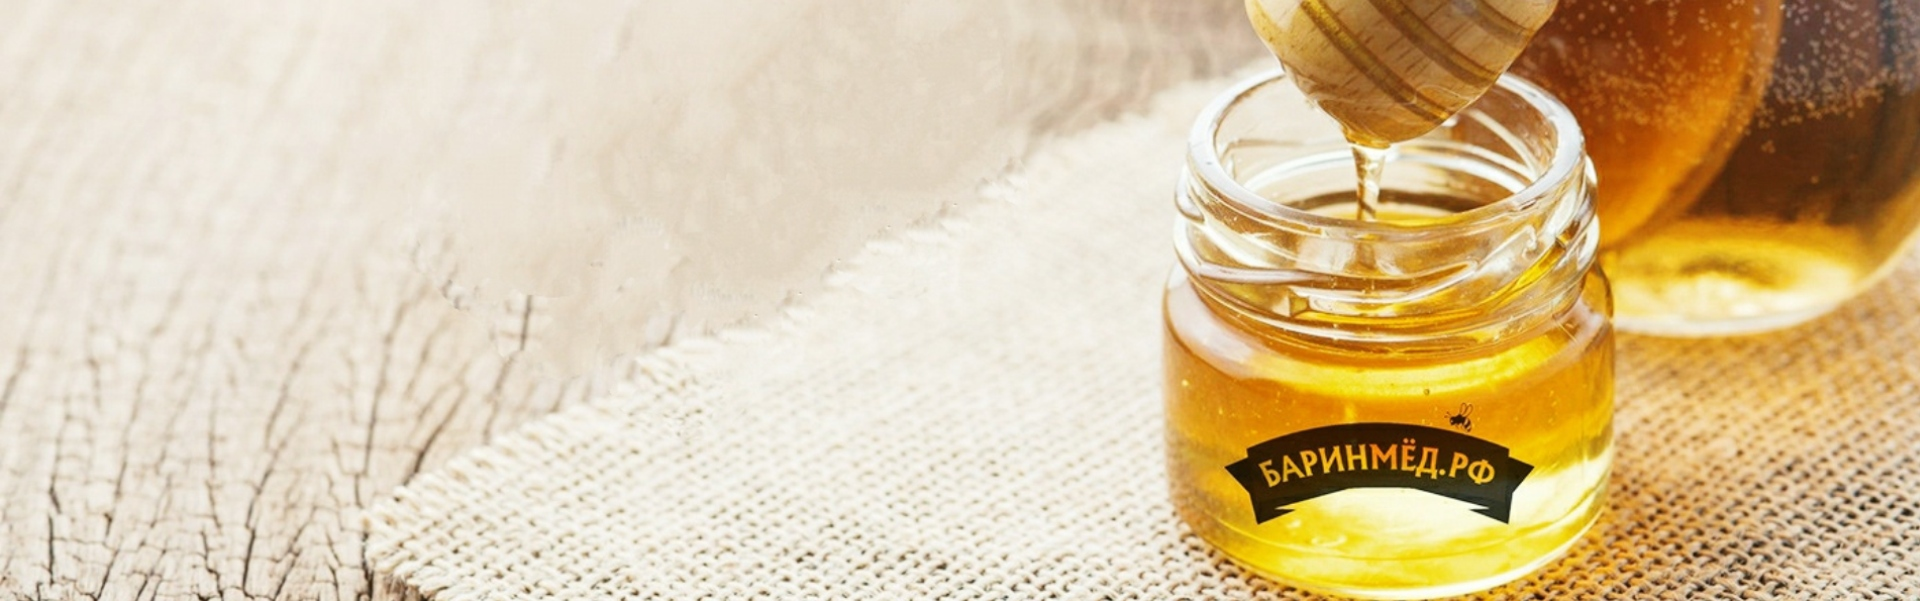 Натуральный мёд от производителя!